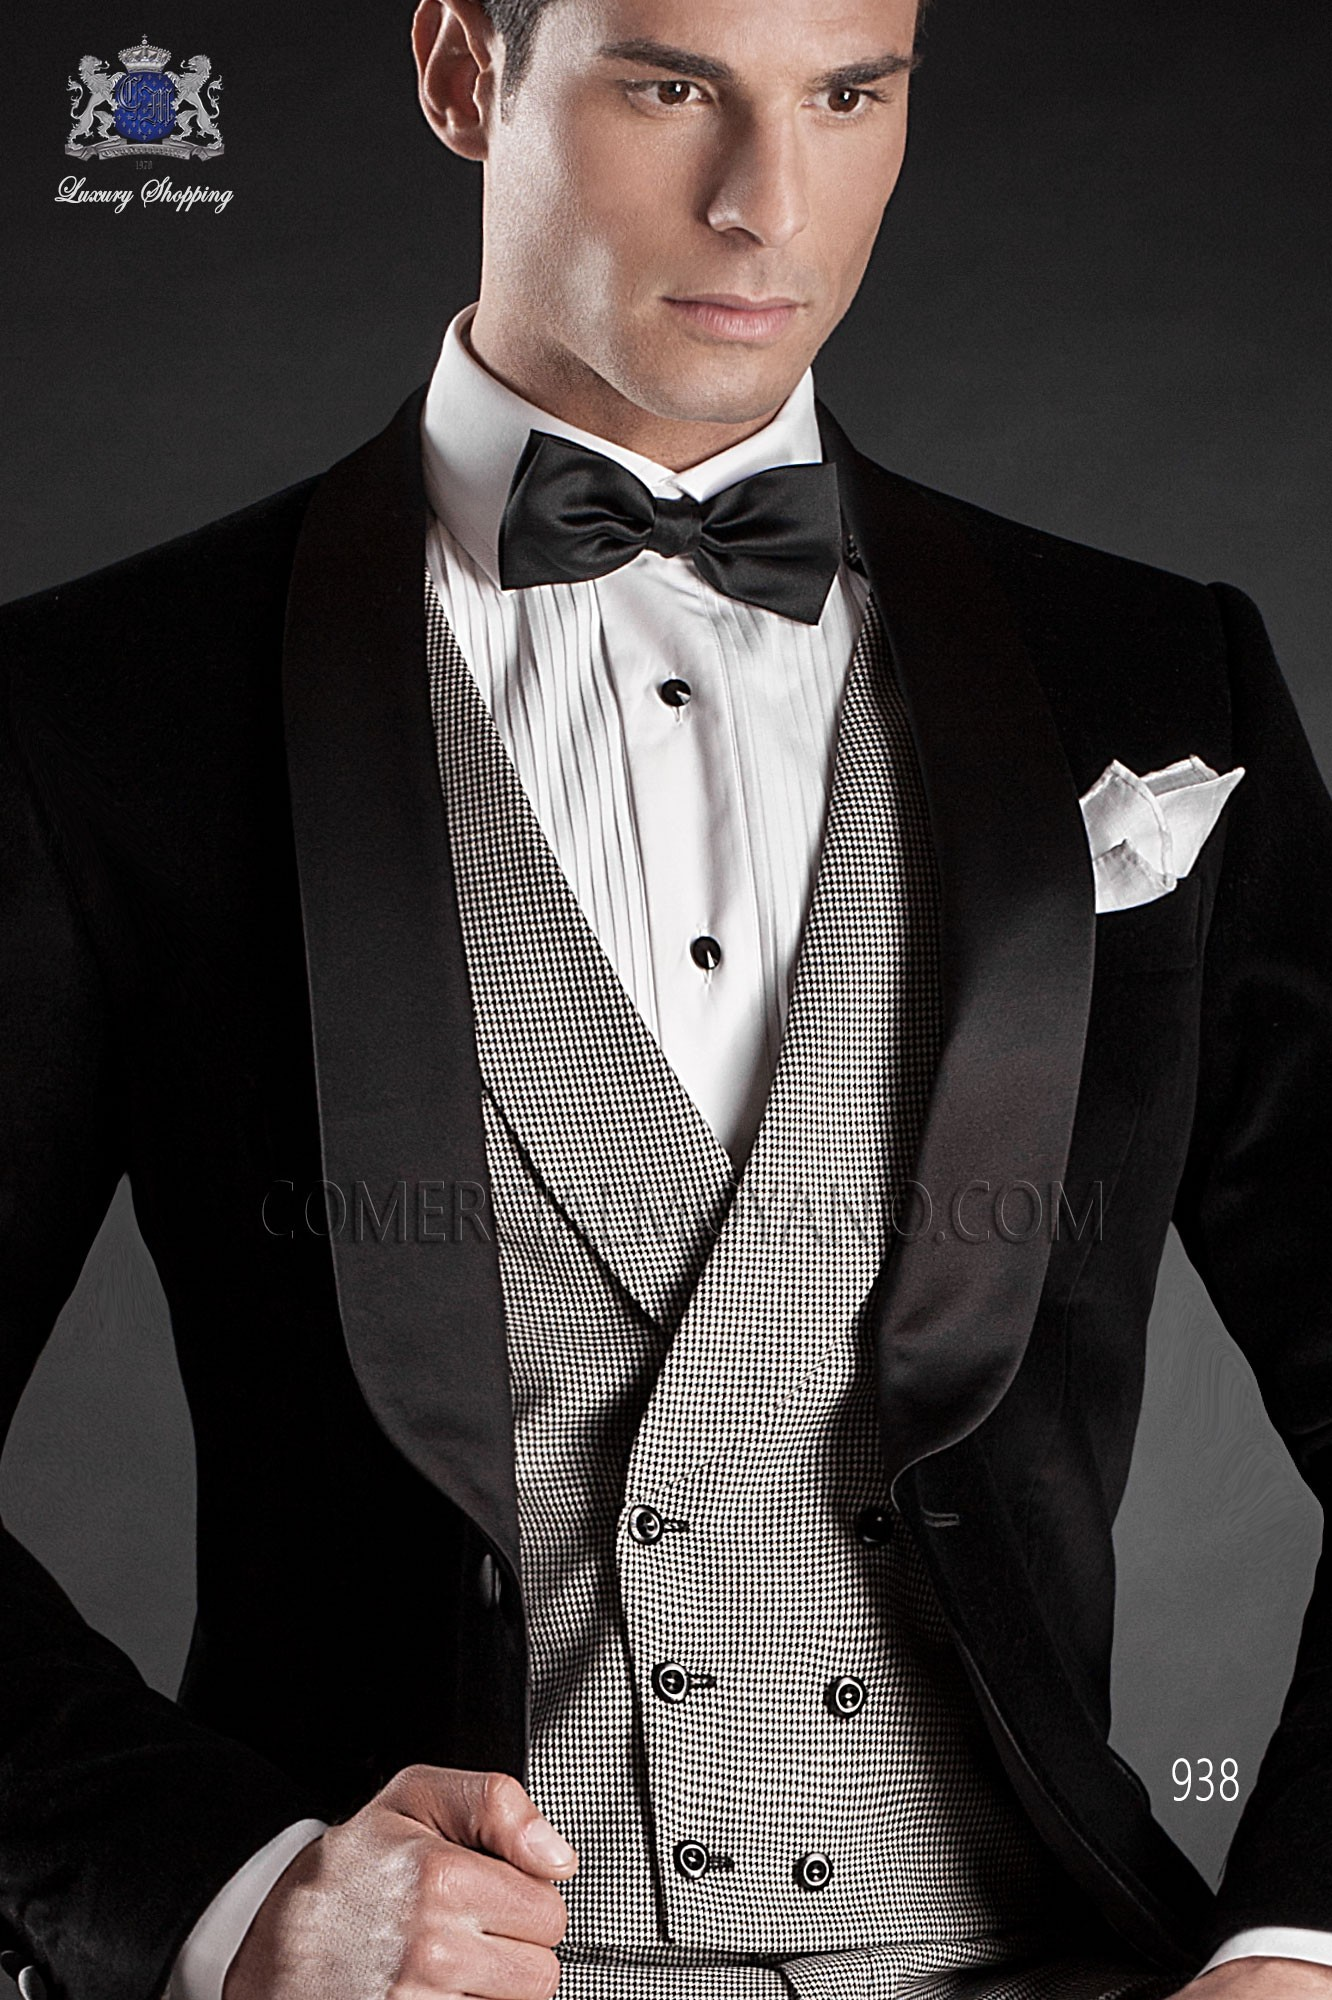 Traje BlackTie de novio negro modelo: 938 Ottavio Nuccio Gala colección Black Tie